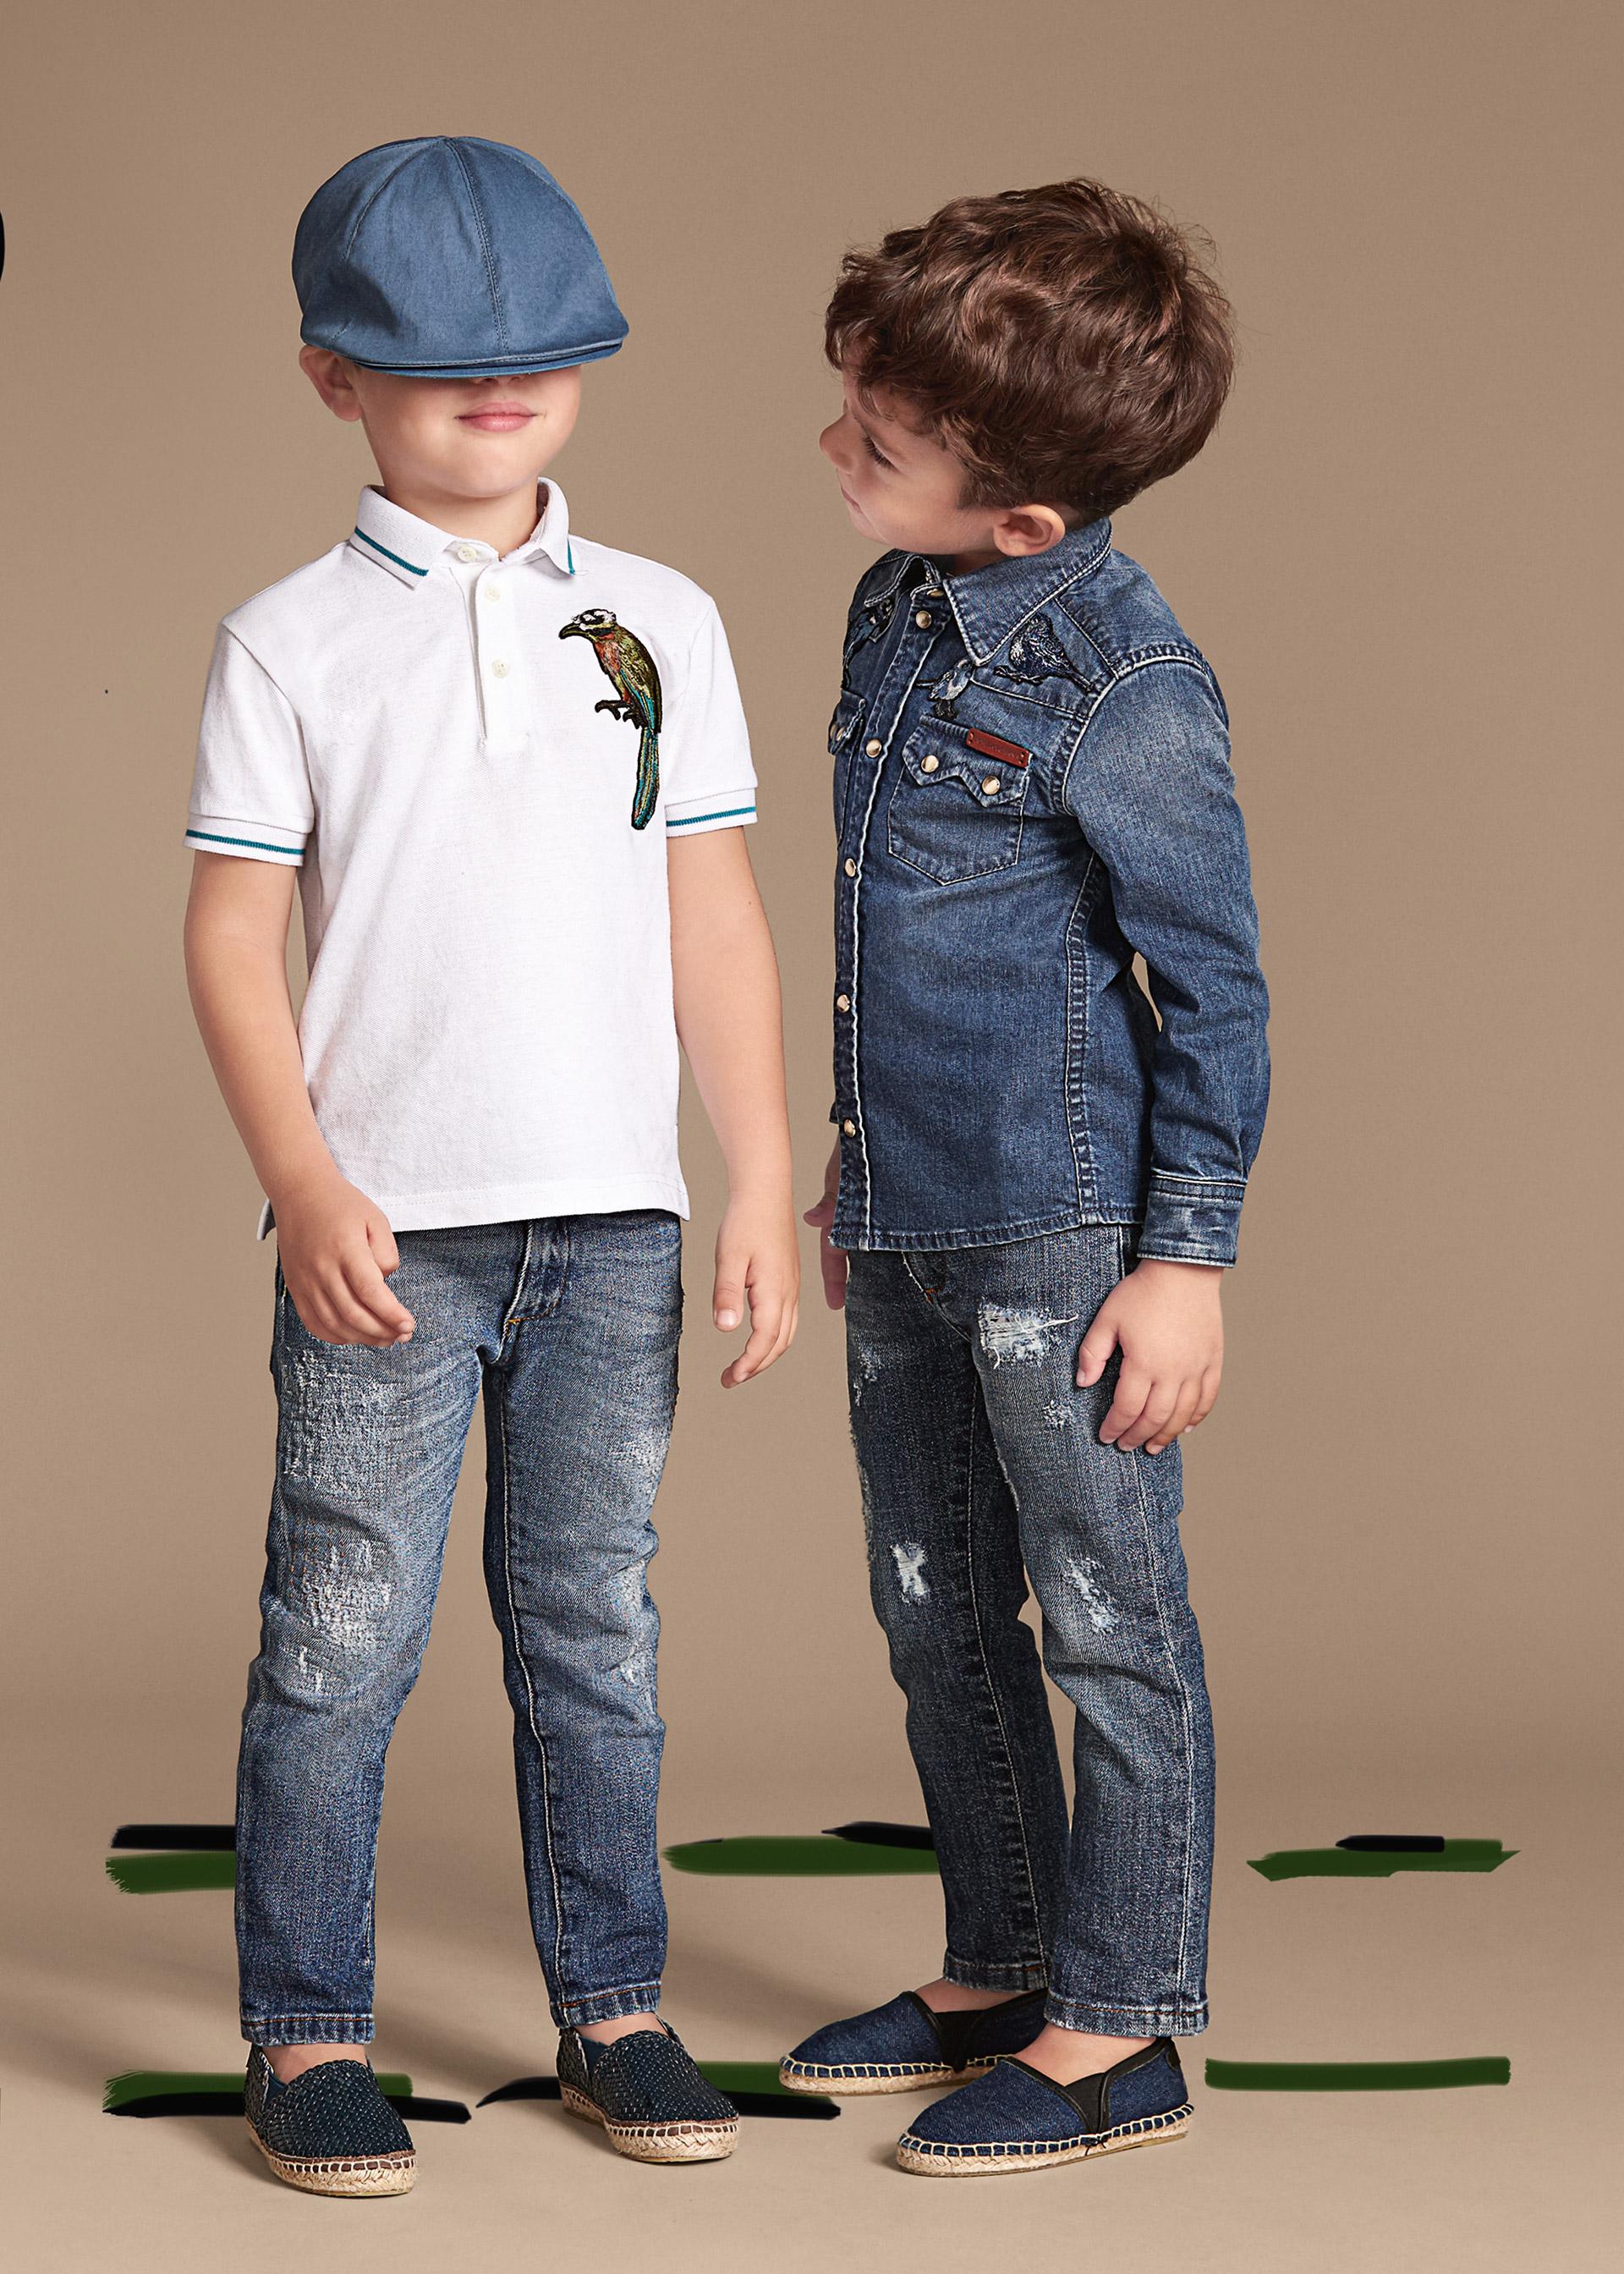 Новая коллекция для детей 2016 - белая футболка с джинсами и рубашка с джинсами.